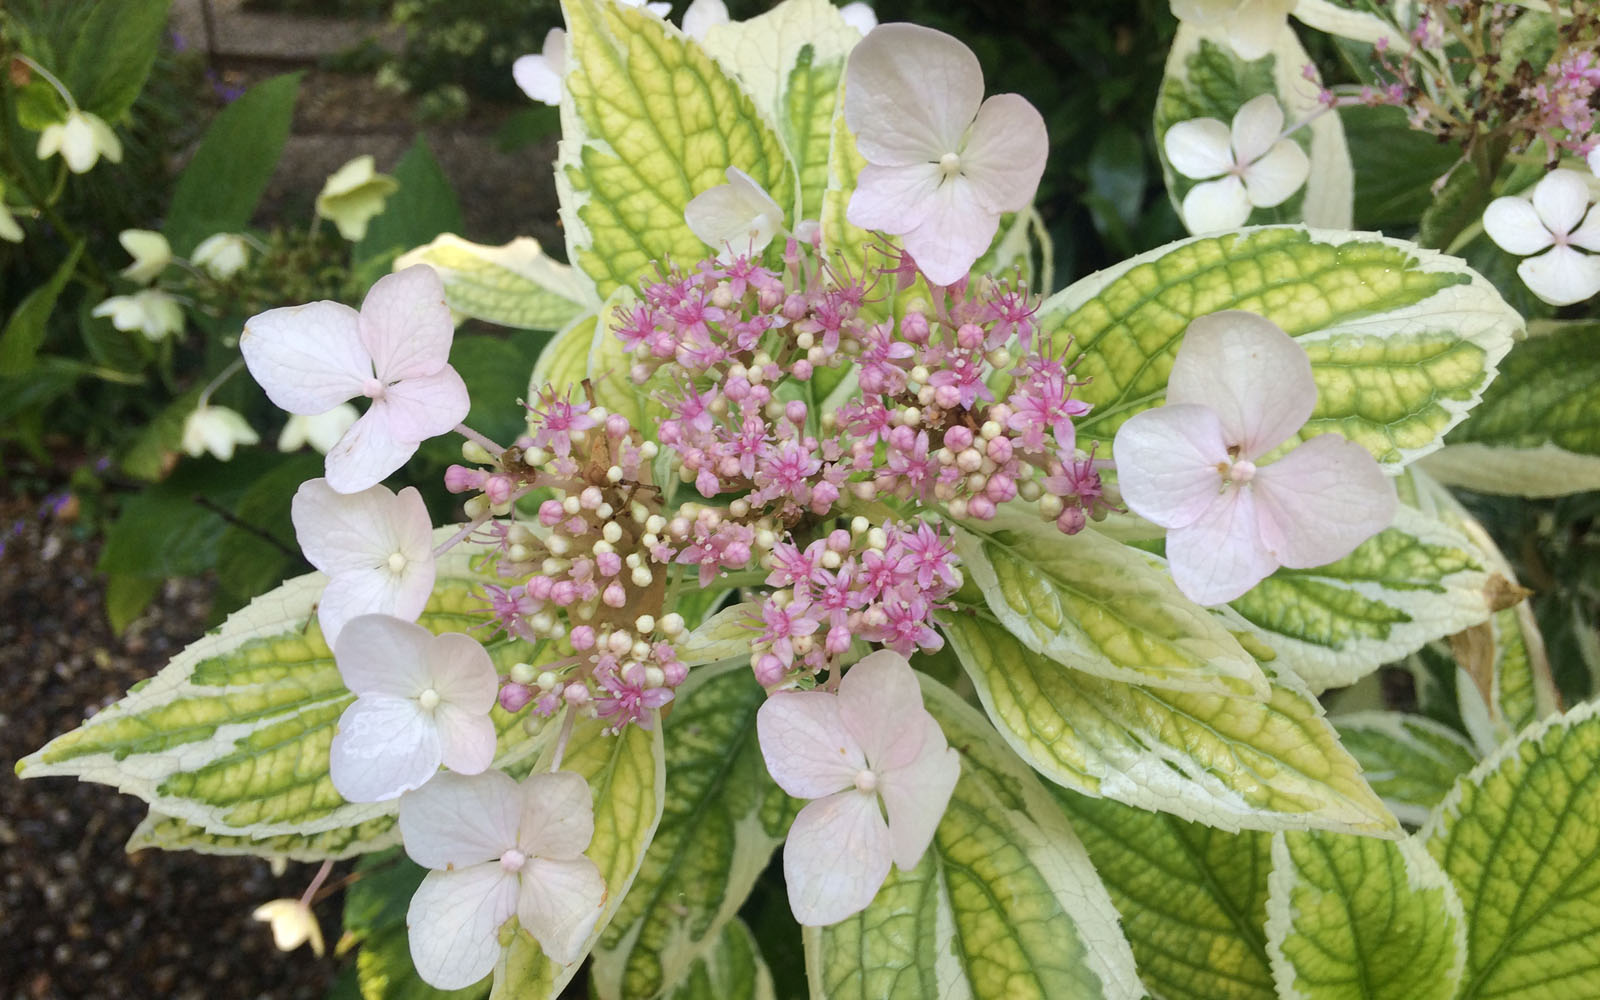 Orto botanico di brera il giardino segreto di milano for Cabine di querce reali amano va